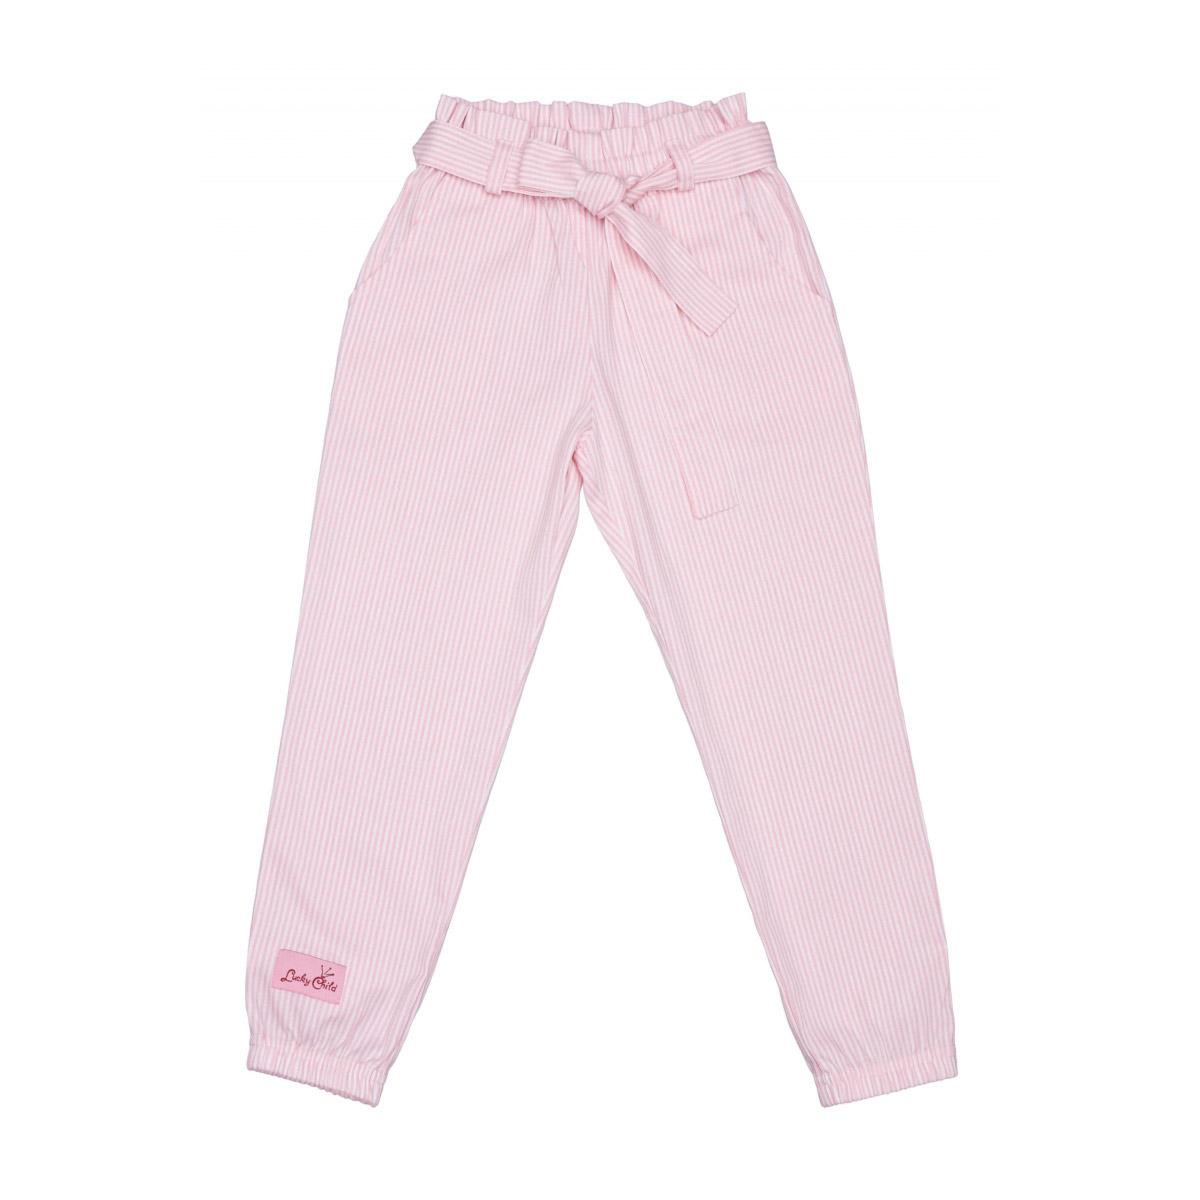 Купить БрюкиLucky Child Принцесса Сказки в полоску 104-110, Розовый, Поплин, Для девочек, Всесезонный,